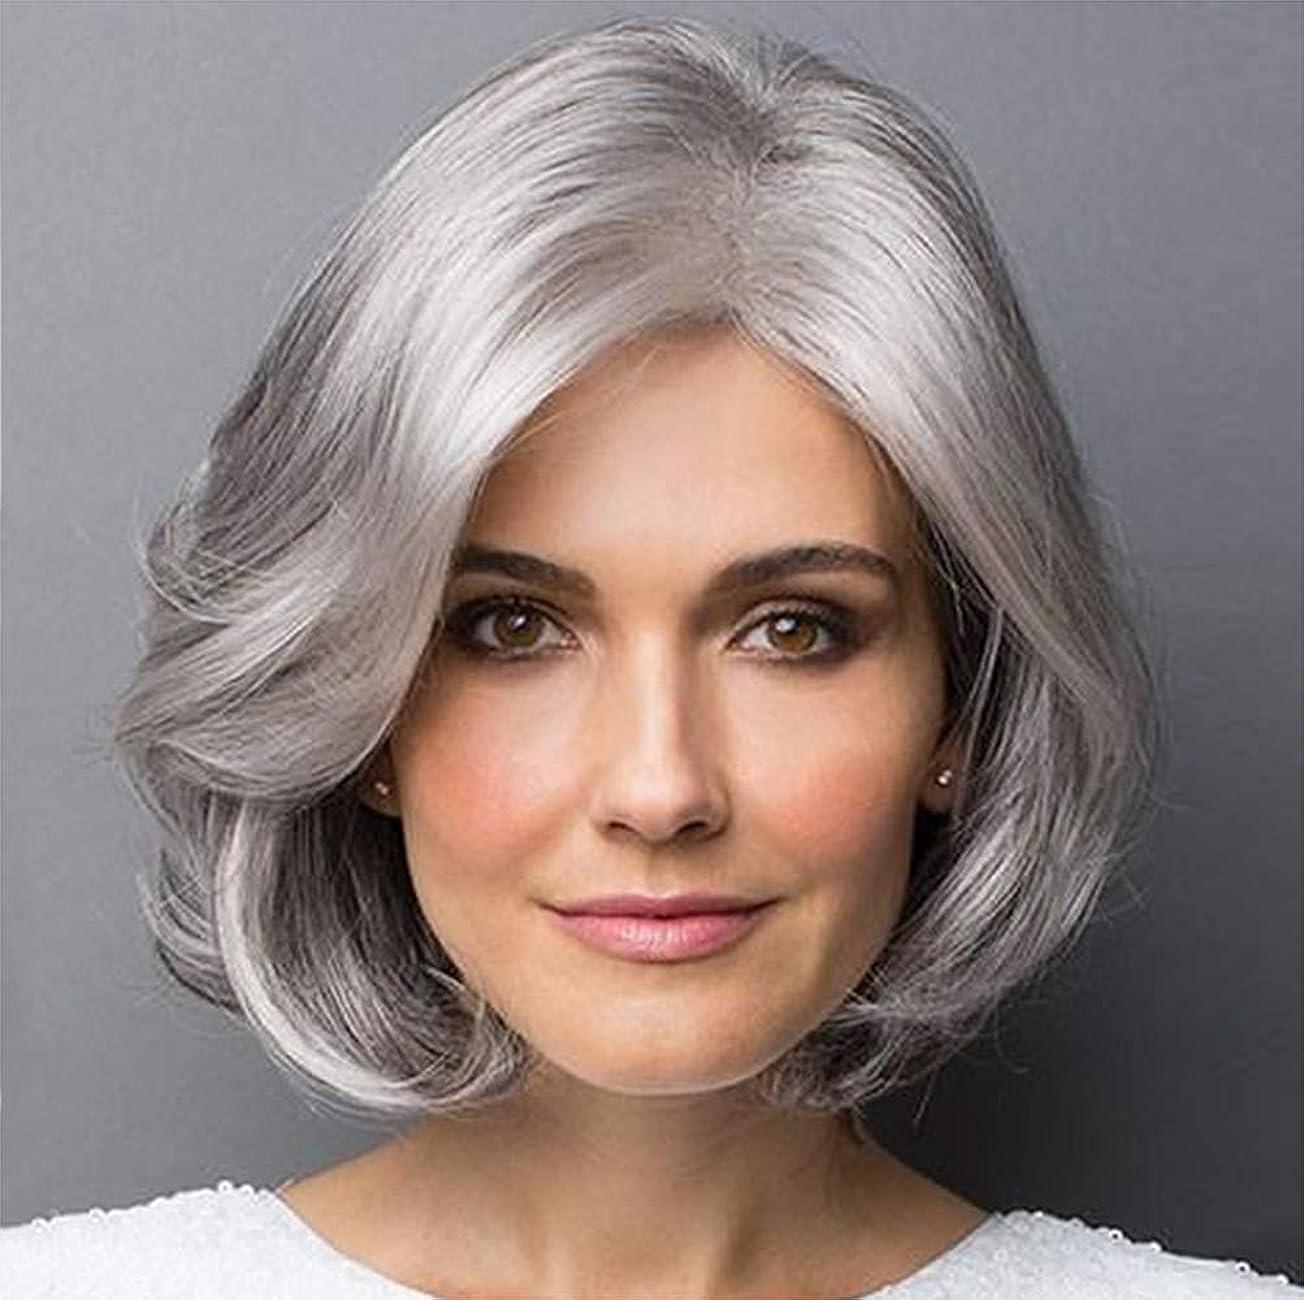 ホーンエンゲージメントジョガー女性かつら人間の髪の毛おばあちゃんの髪耐熱合成短い絹のようなパーティーヘアウィッグライトグレー35 cm